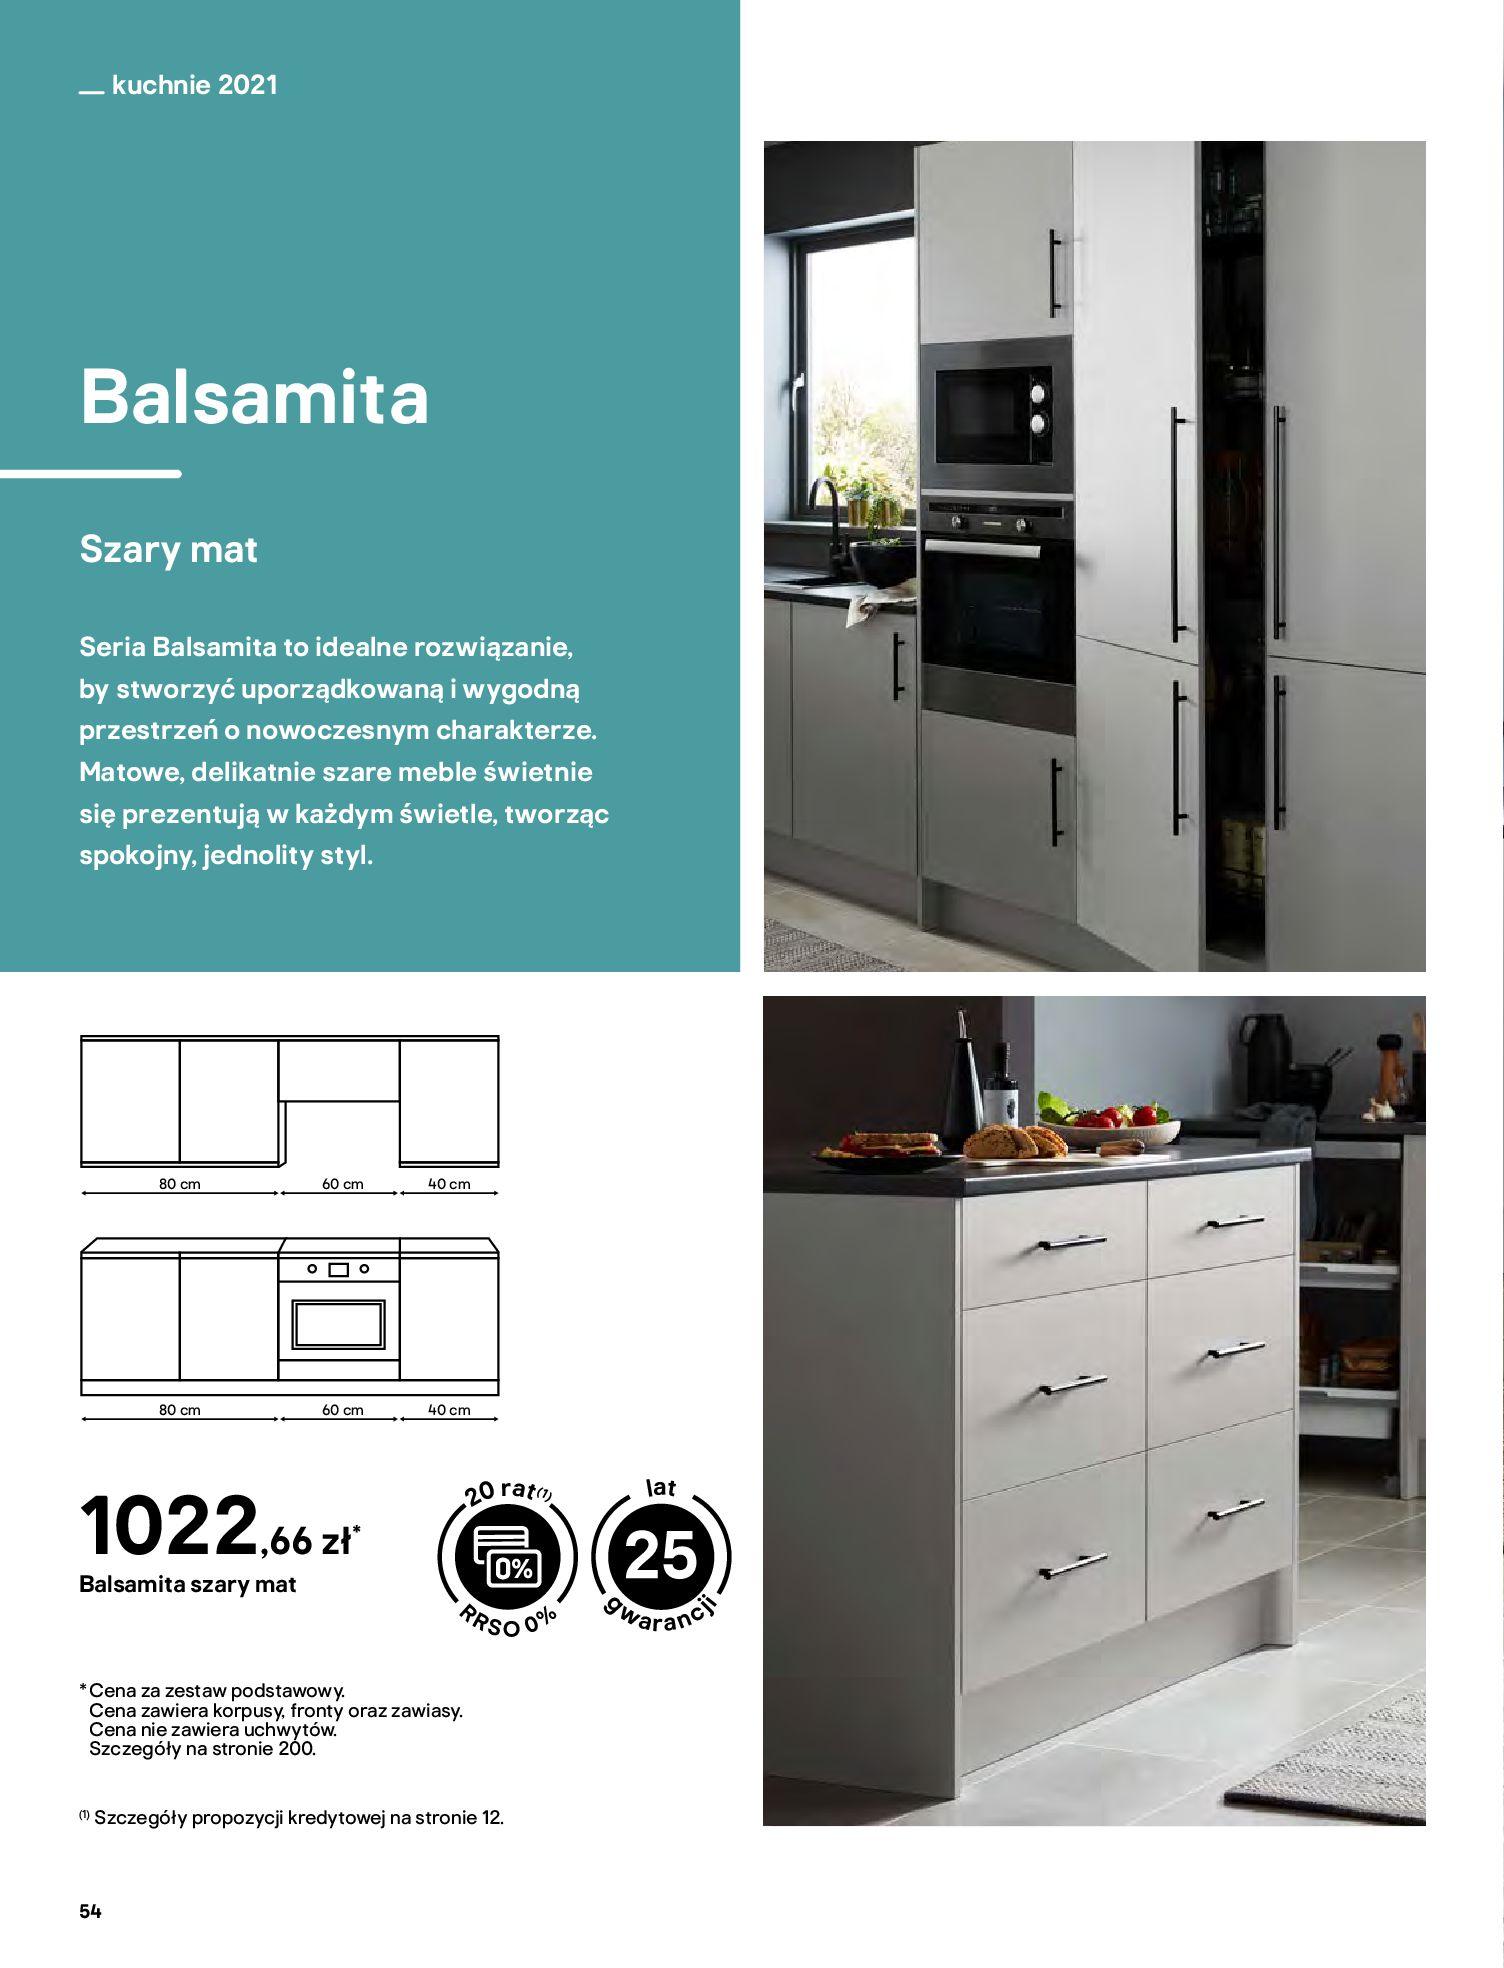 Gazetka Castorama: Katalog kuchnie 2021 2021-05-04 page-54